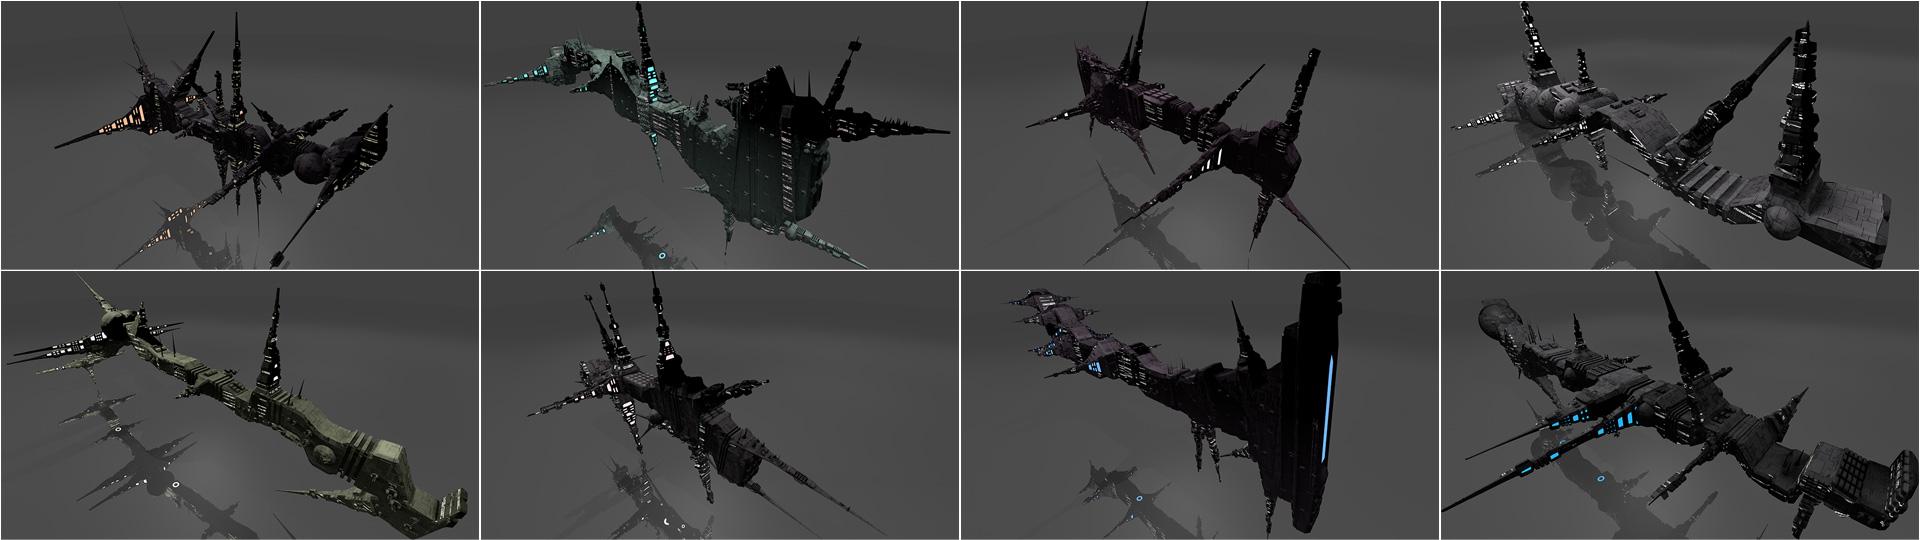 极限飞船截图